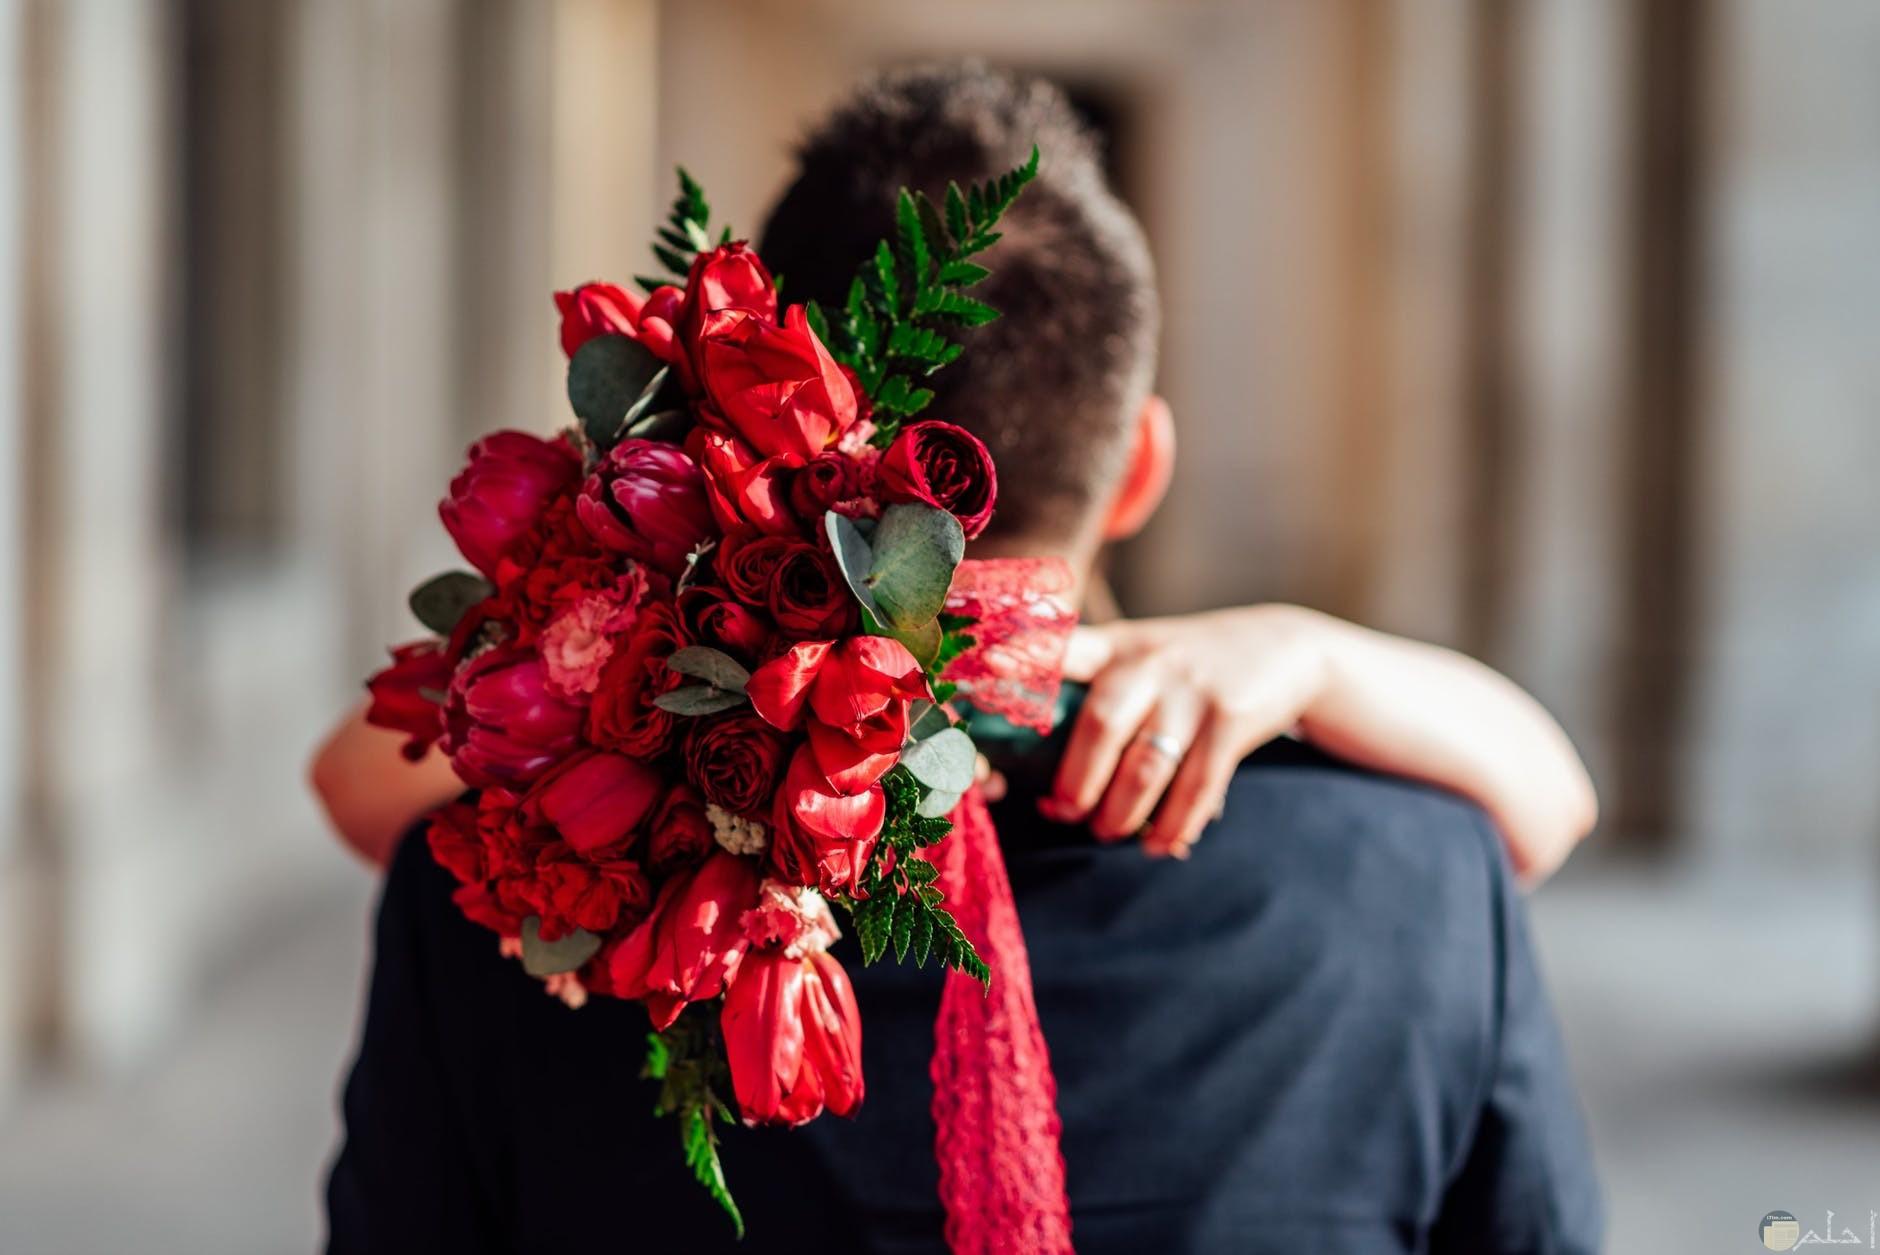 حضن العروس لعريسها في زفافها